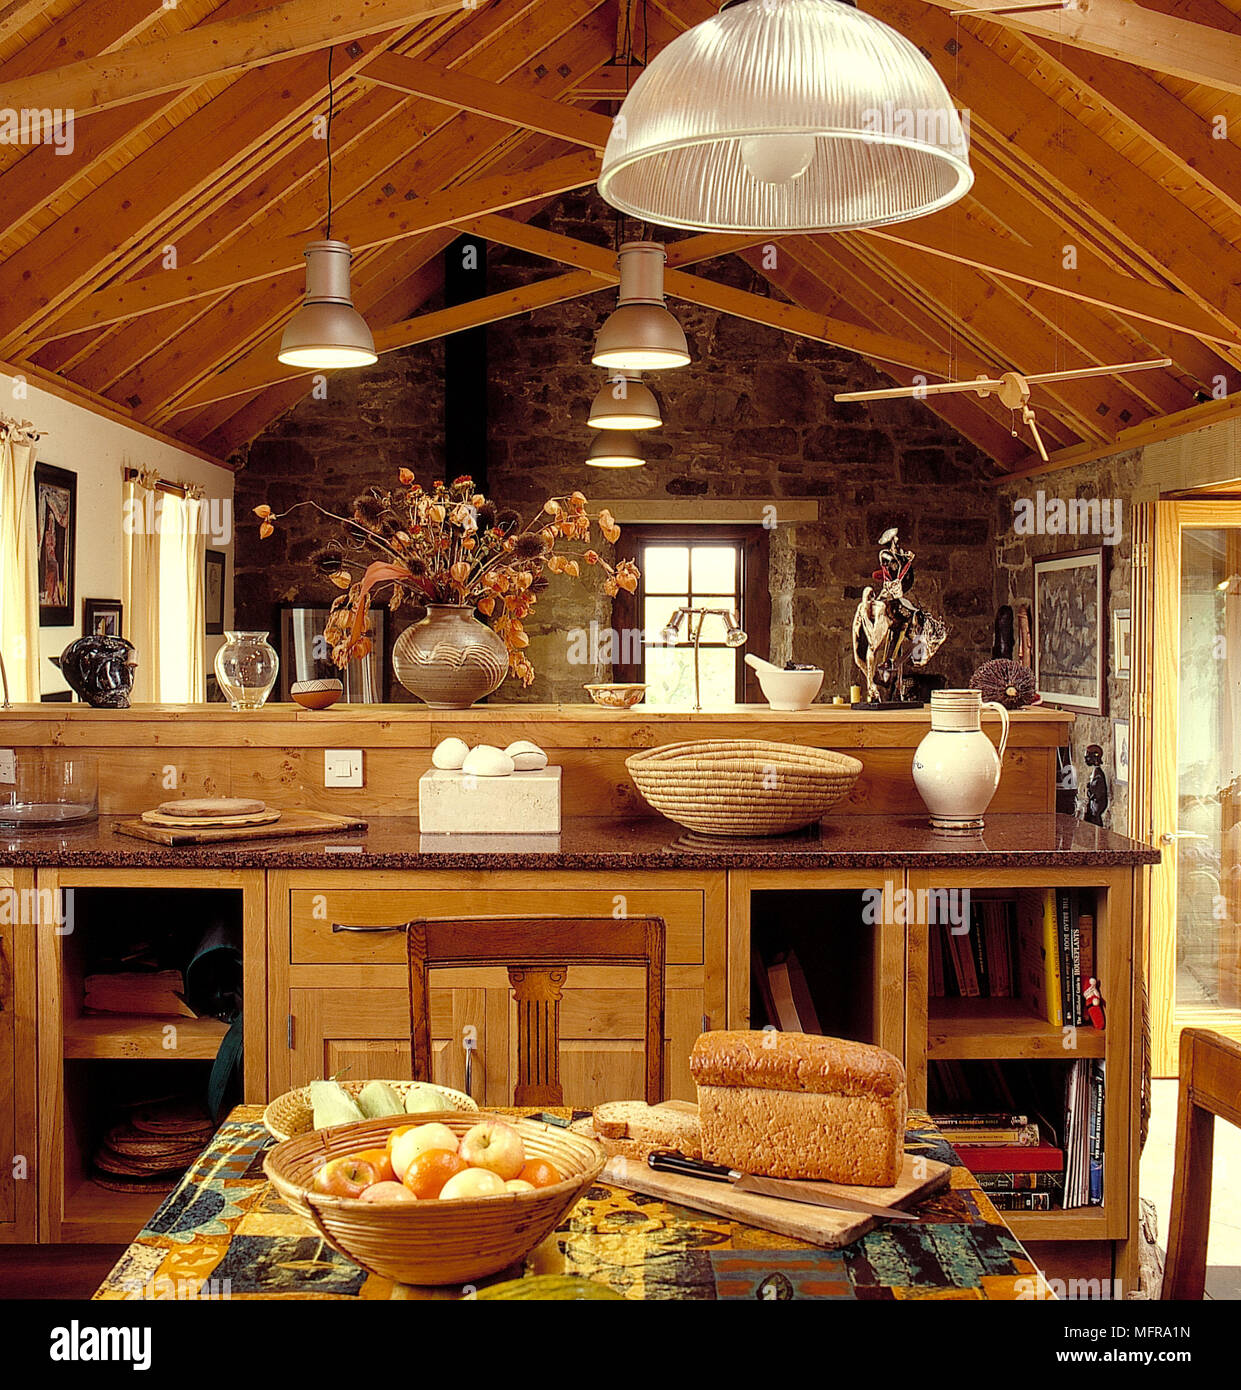 Cucina Di Campagna Open Space In Conversione Fienile Immagini ...